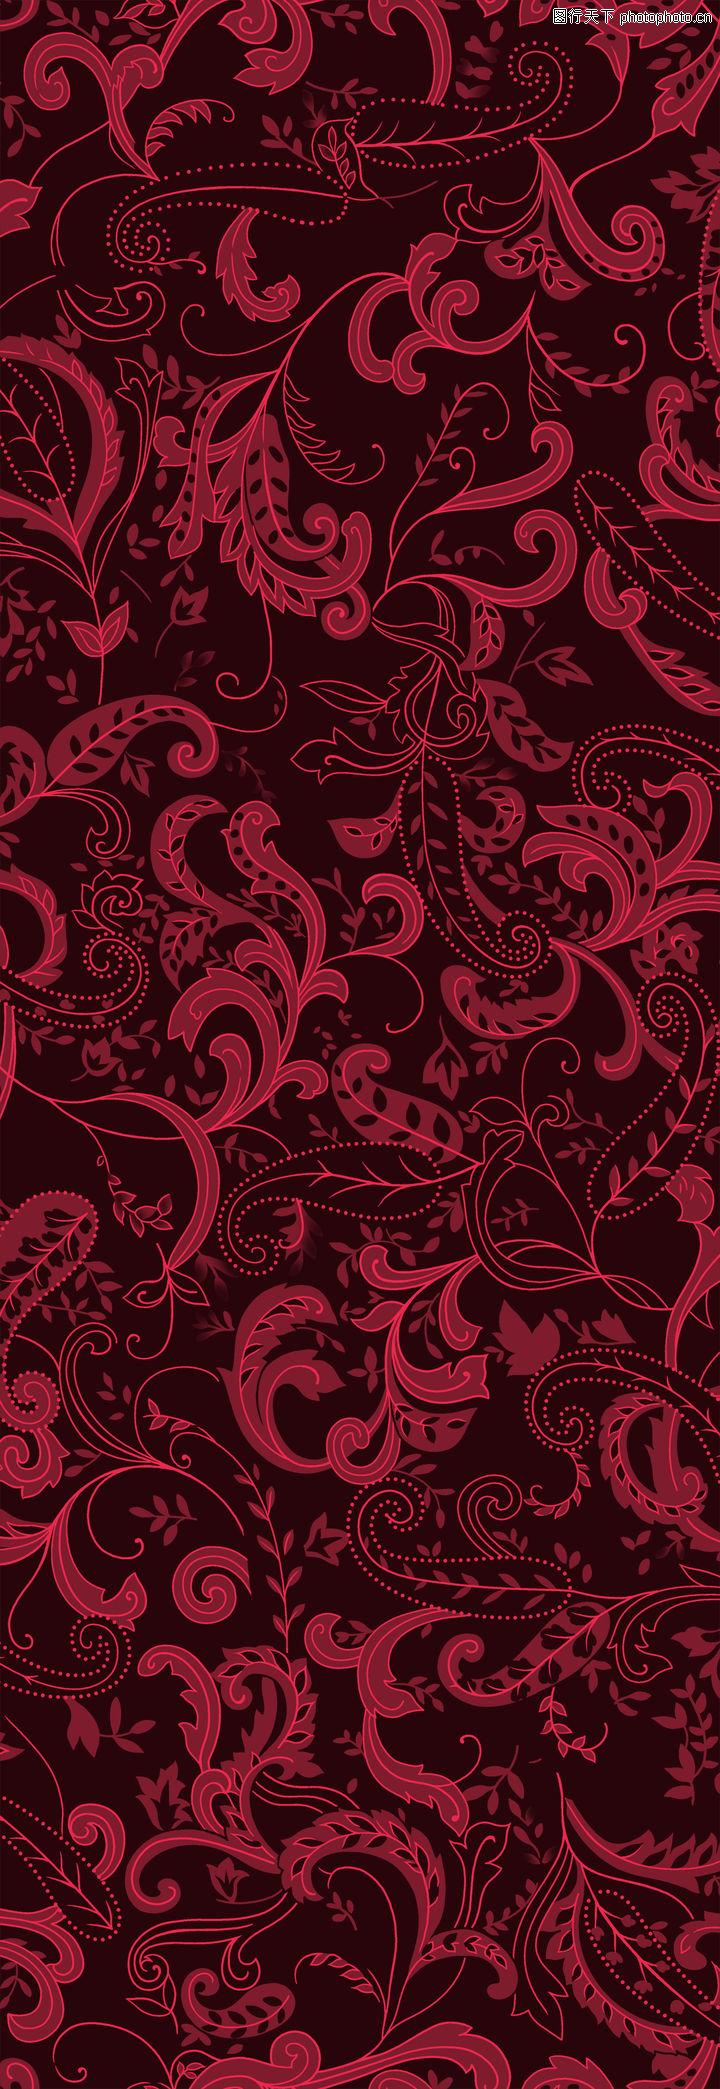 彩绘花纹,精品花纹边框模板,深红色调,彩绘花纹0155